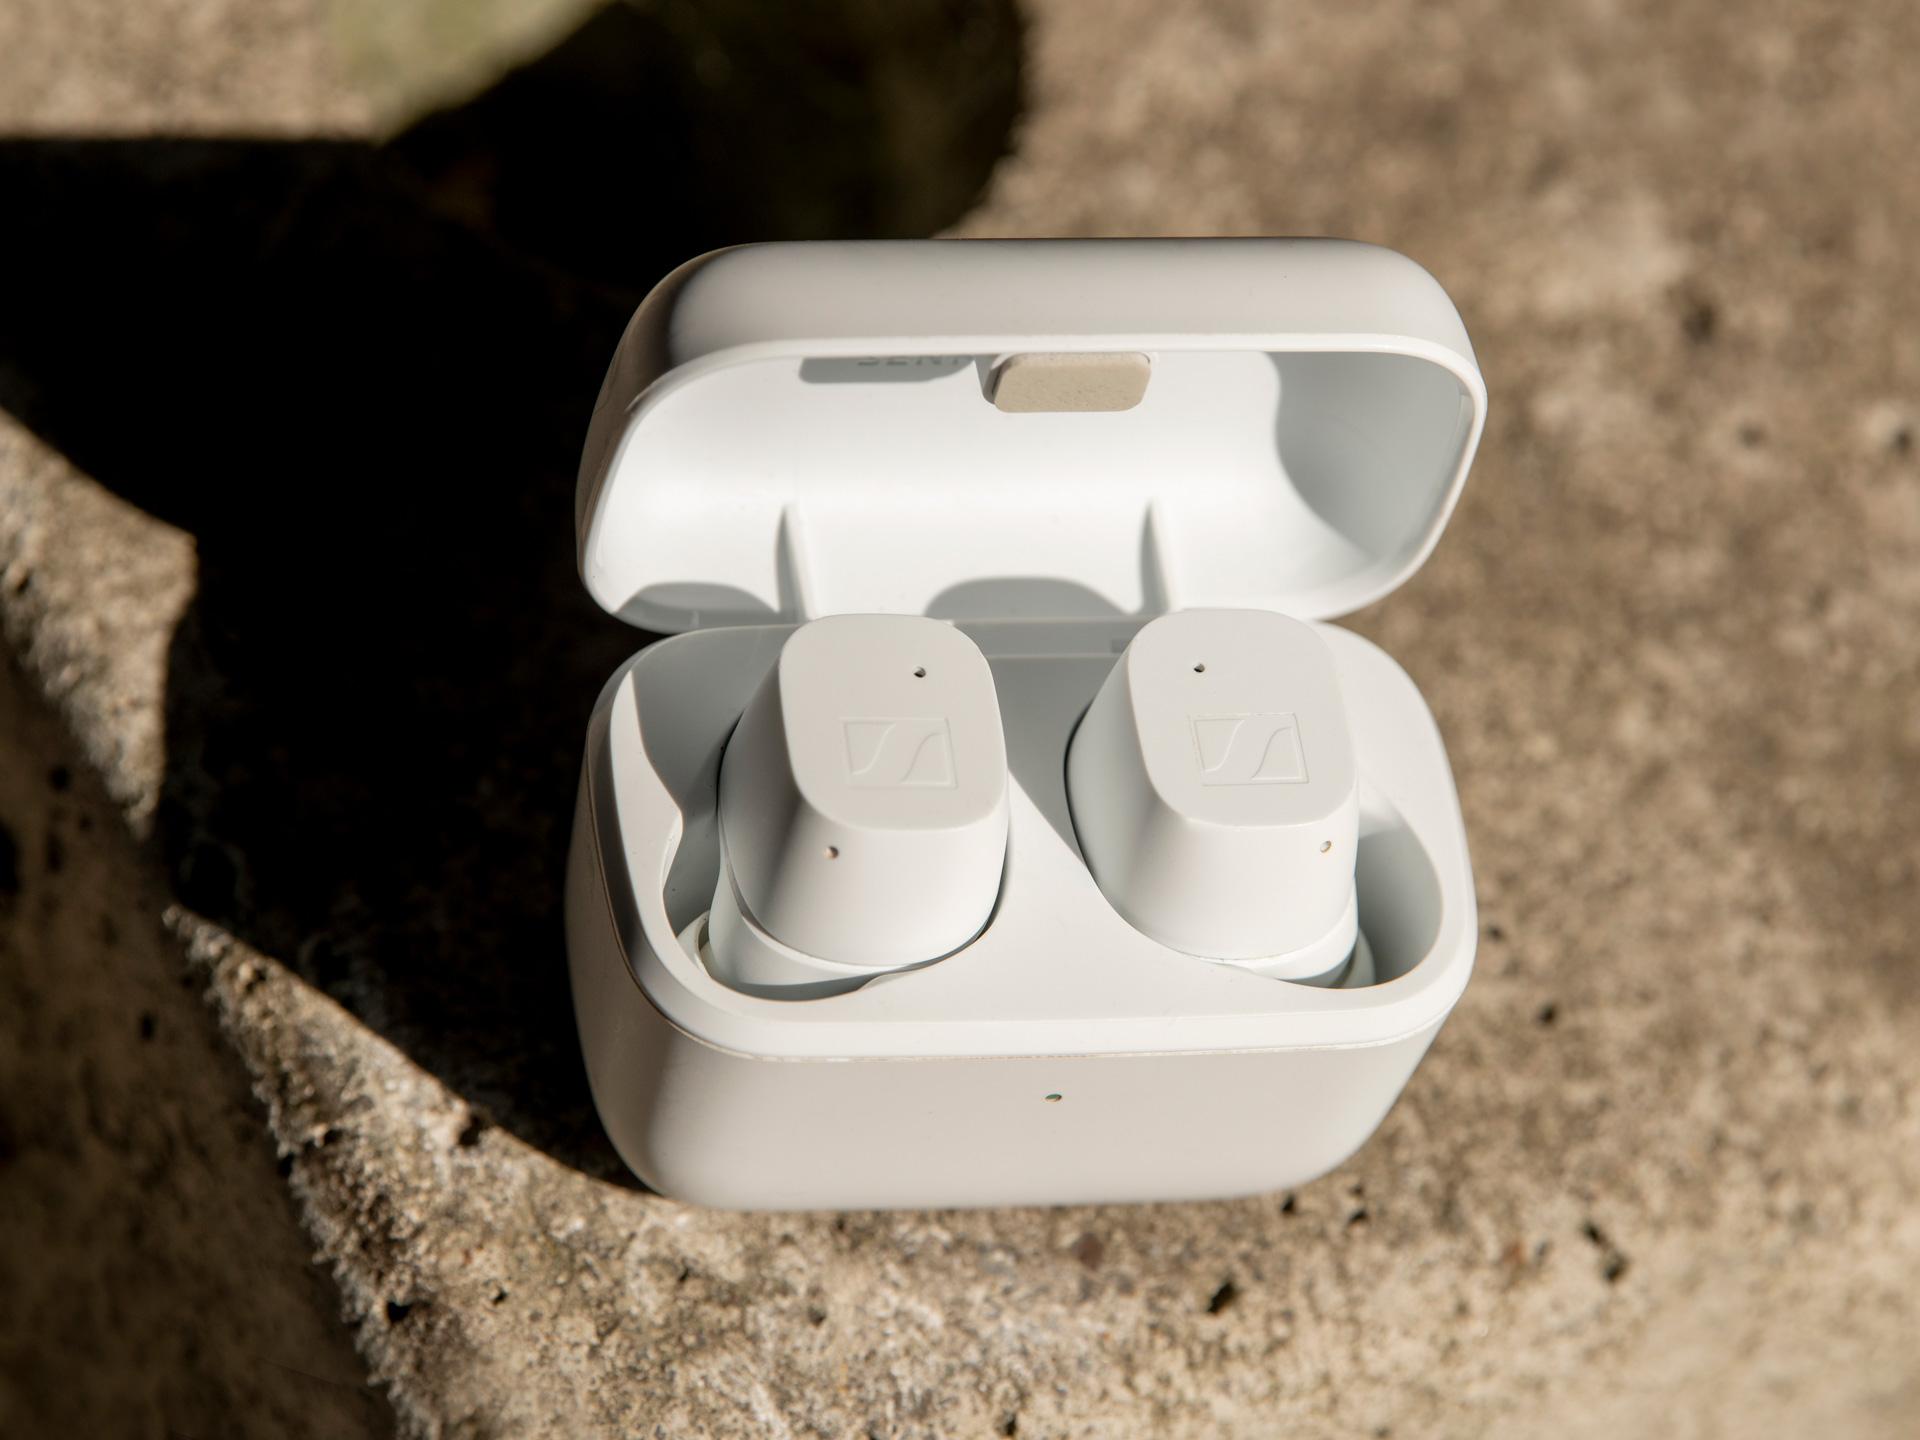 Společnost Sennheiser uvedla svá nekompromisní sluchátka CX Plus True Wireless